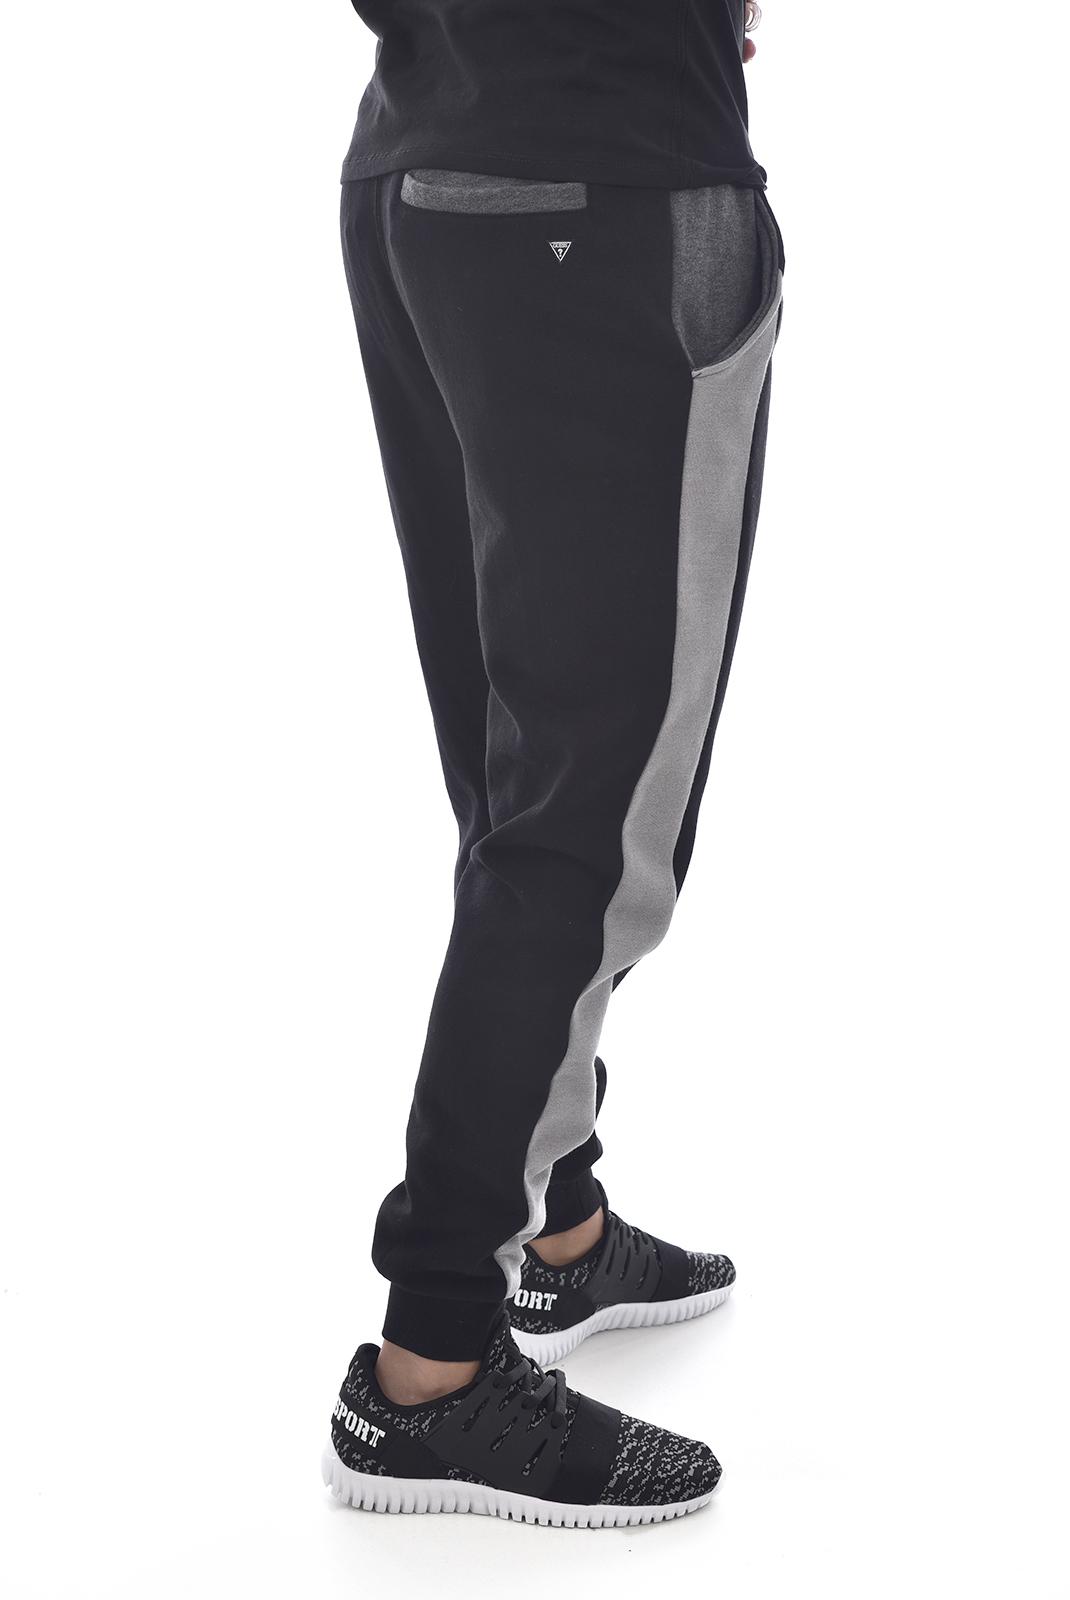 Pantalons sport/streetwear  Guess jeans U84Q12 FL01F A996 JET BLACK